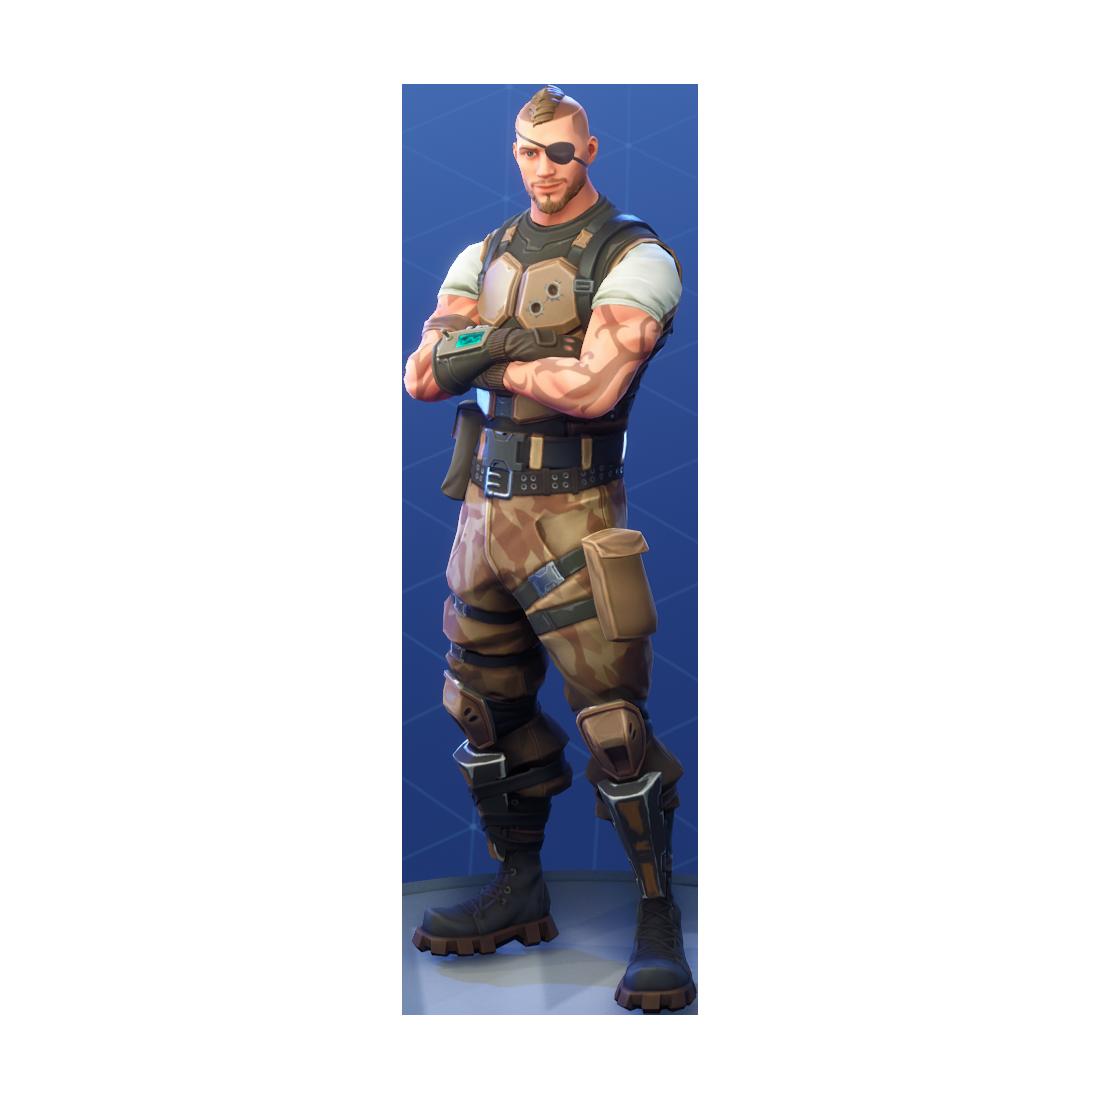 Battlehawk - Боевой ястреб (Battlehawk)